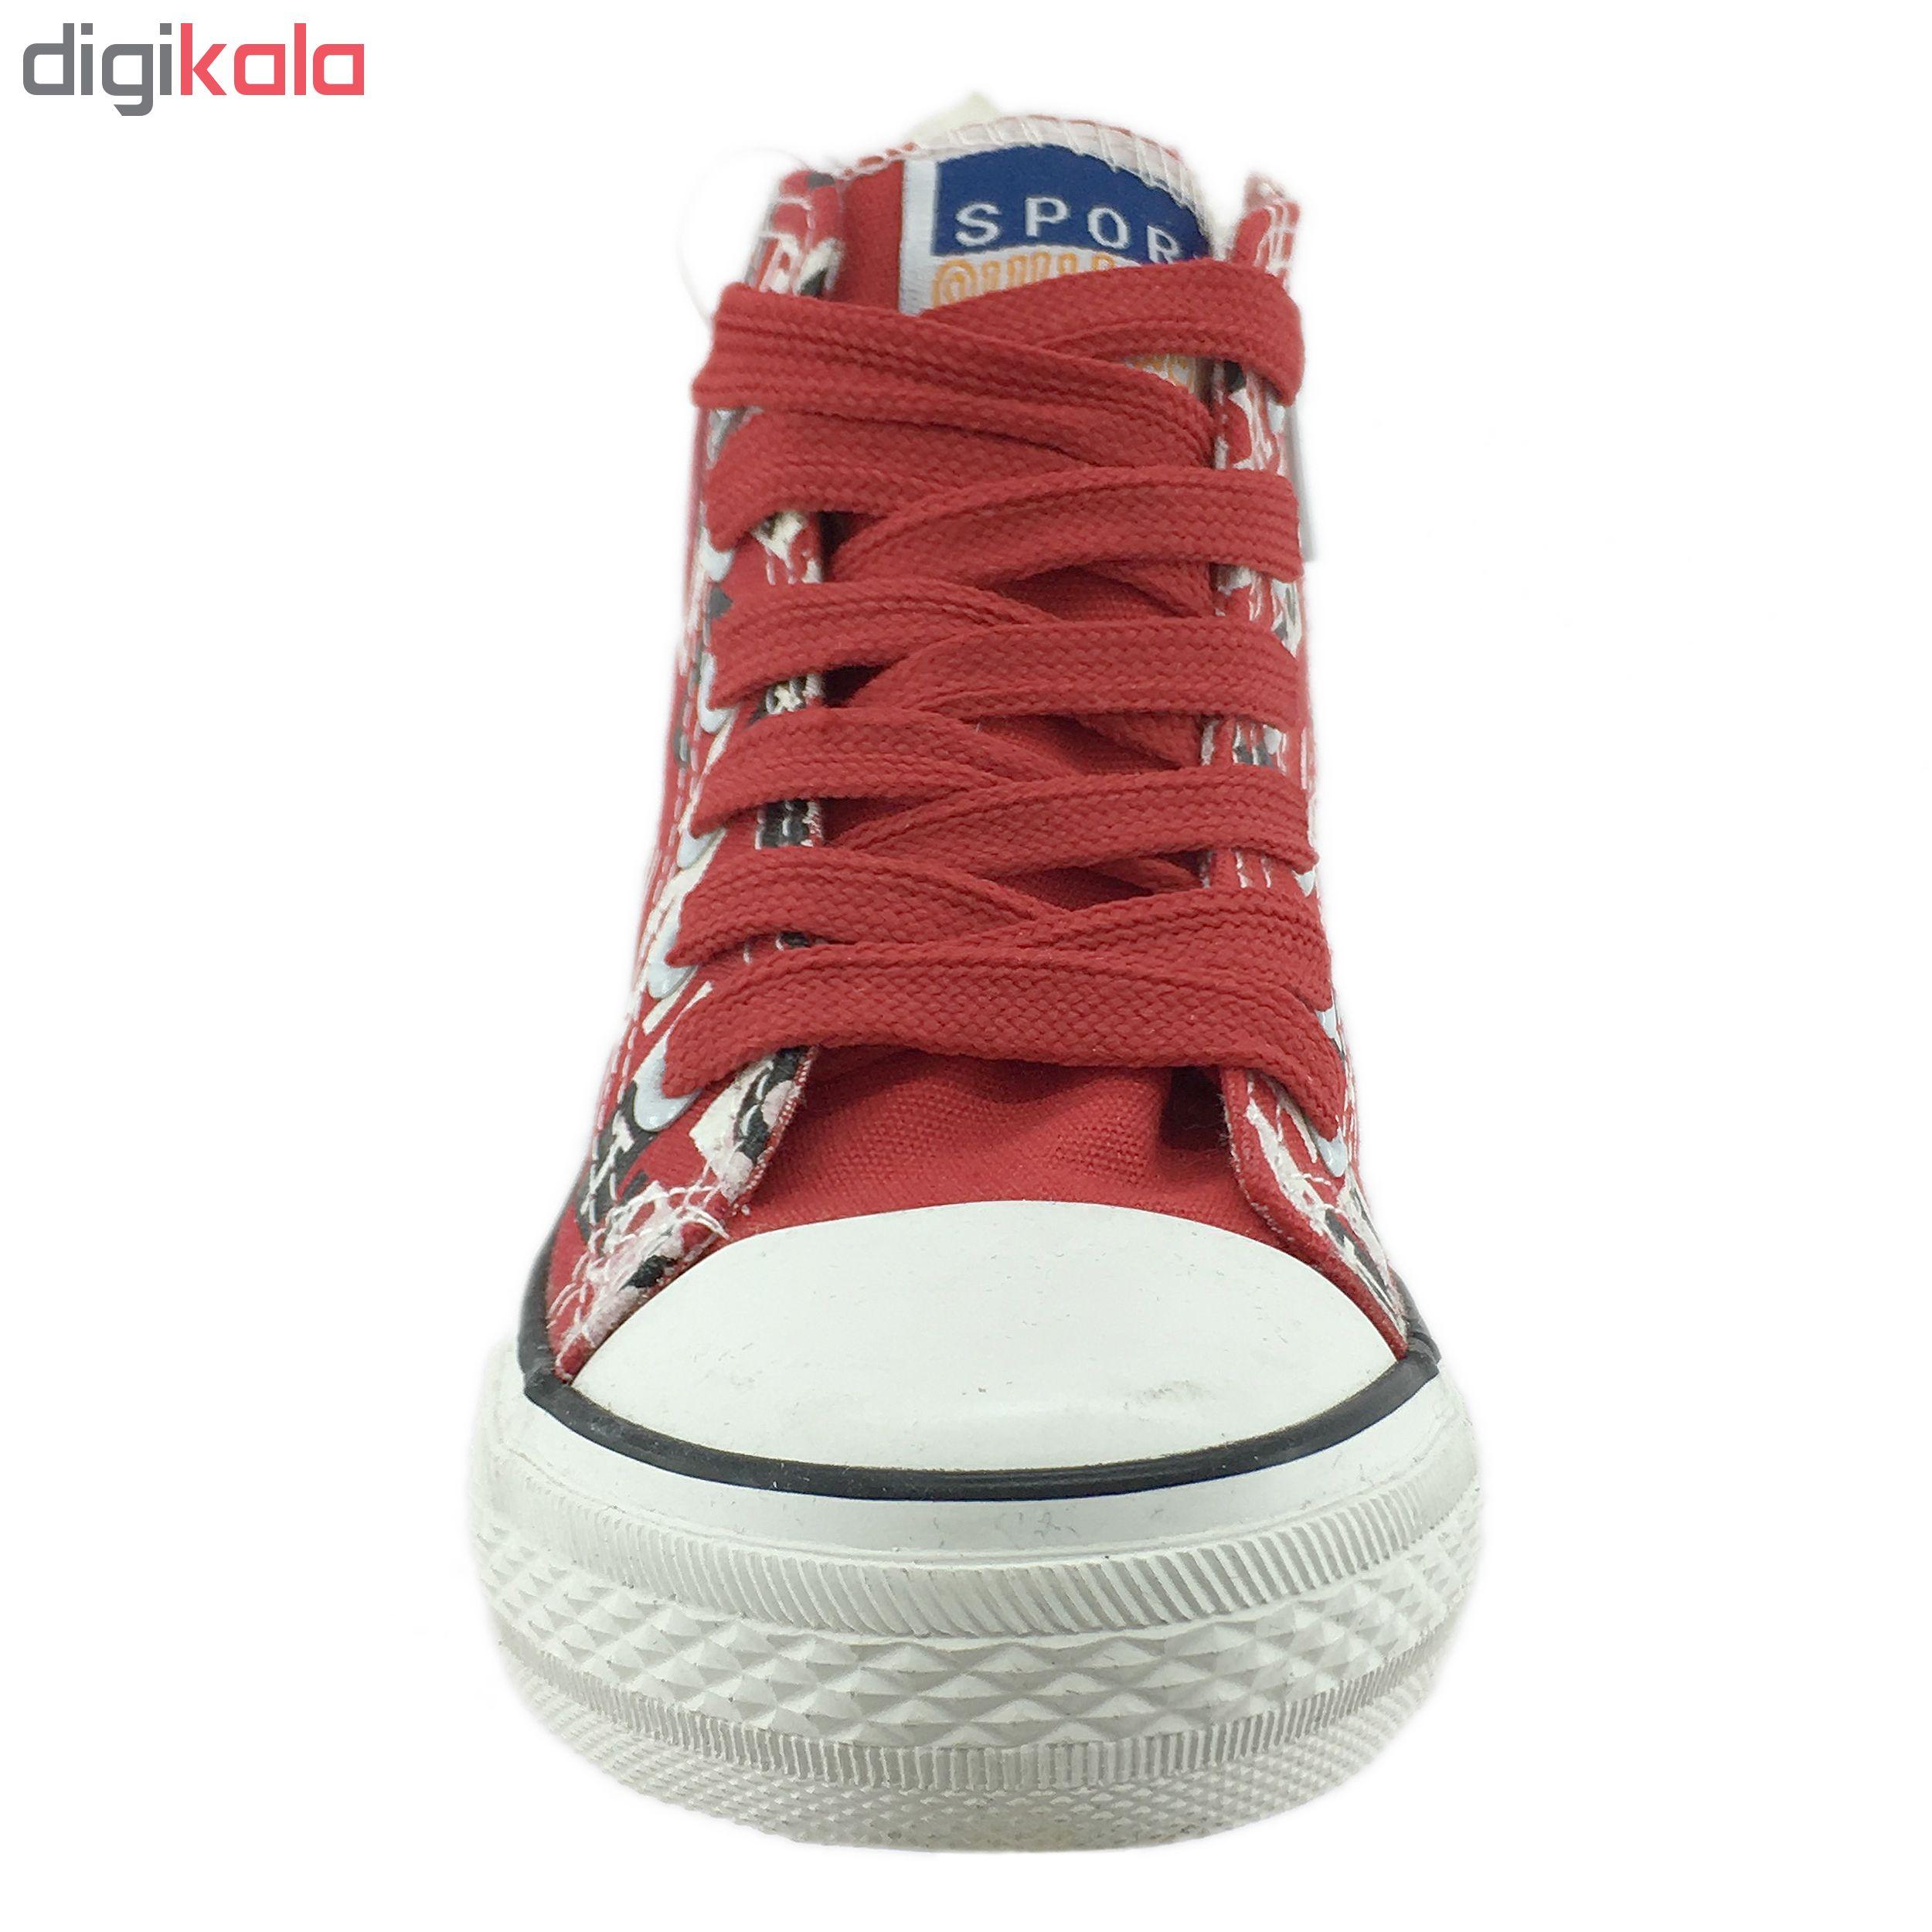 کفش راحتی دخترانه کد 3442221